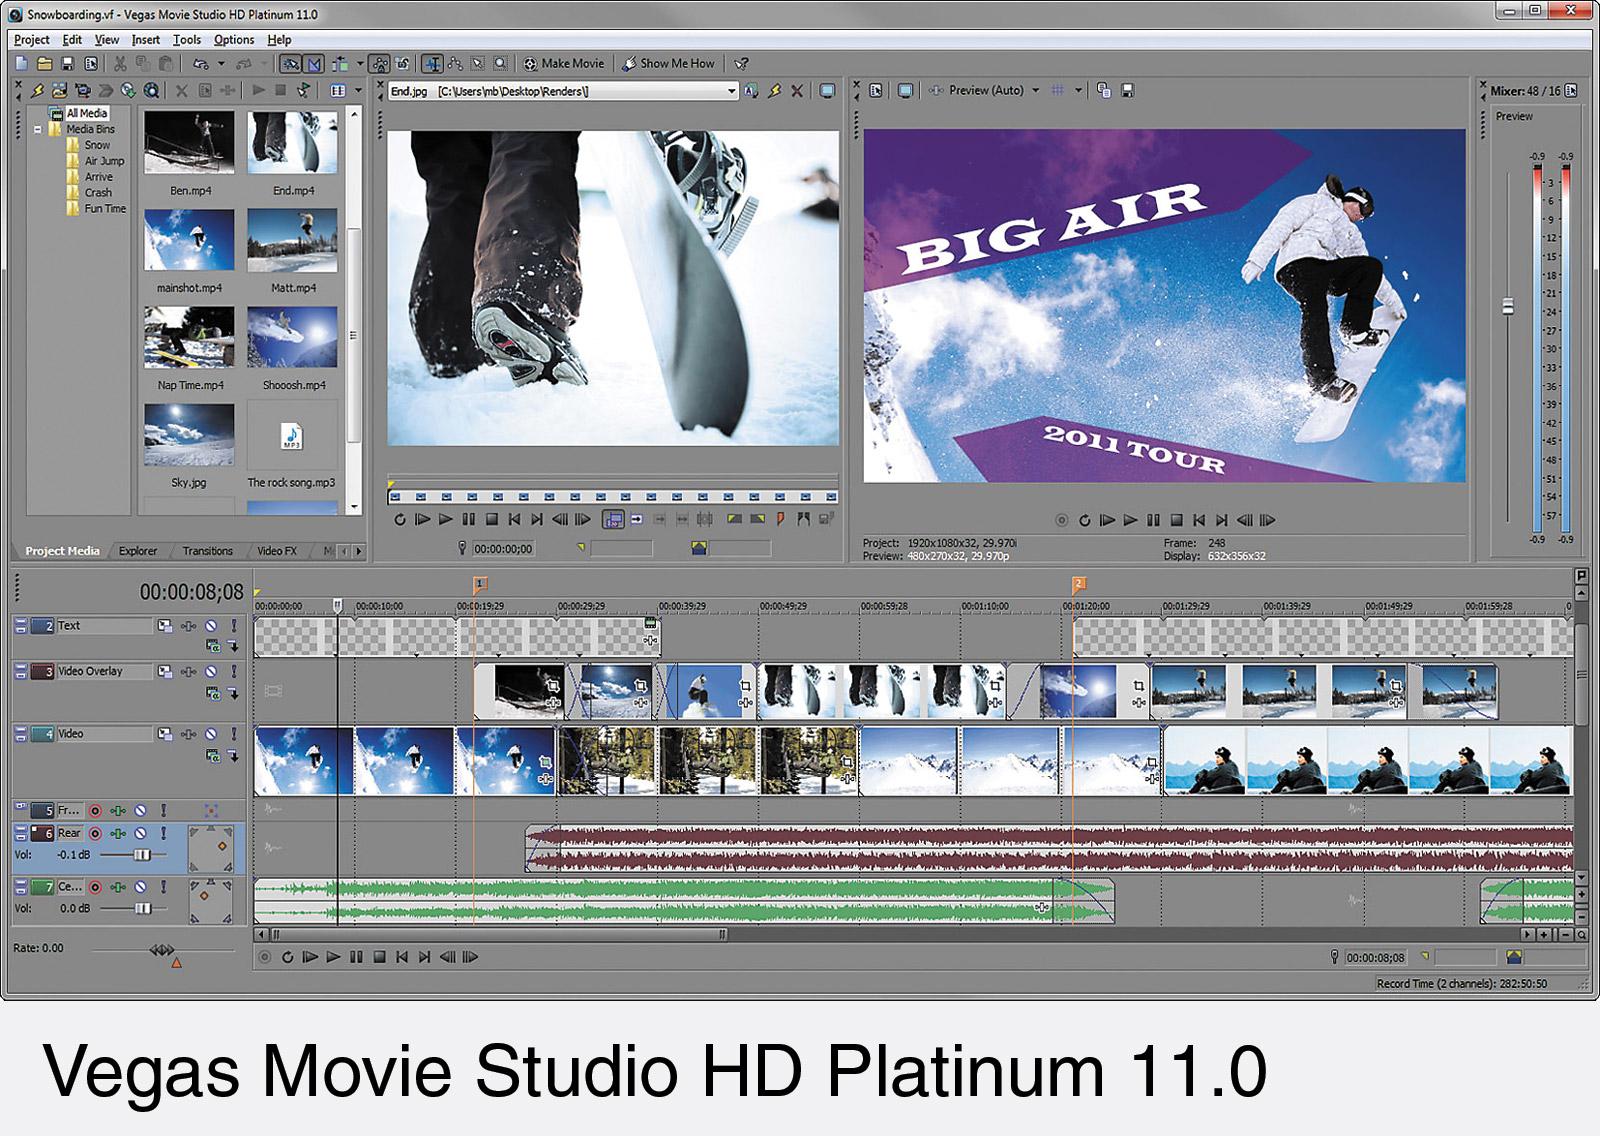 Vegas movie studio hd platinum 11.0 serial number 1s6